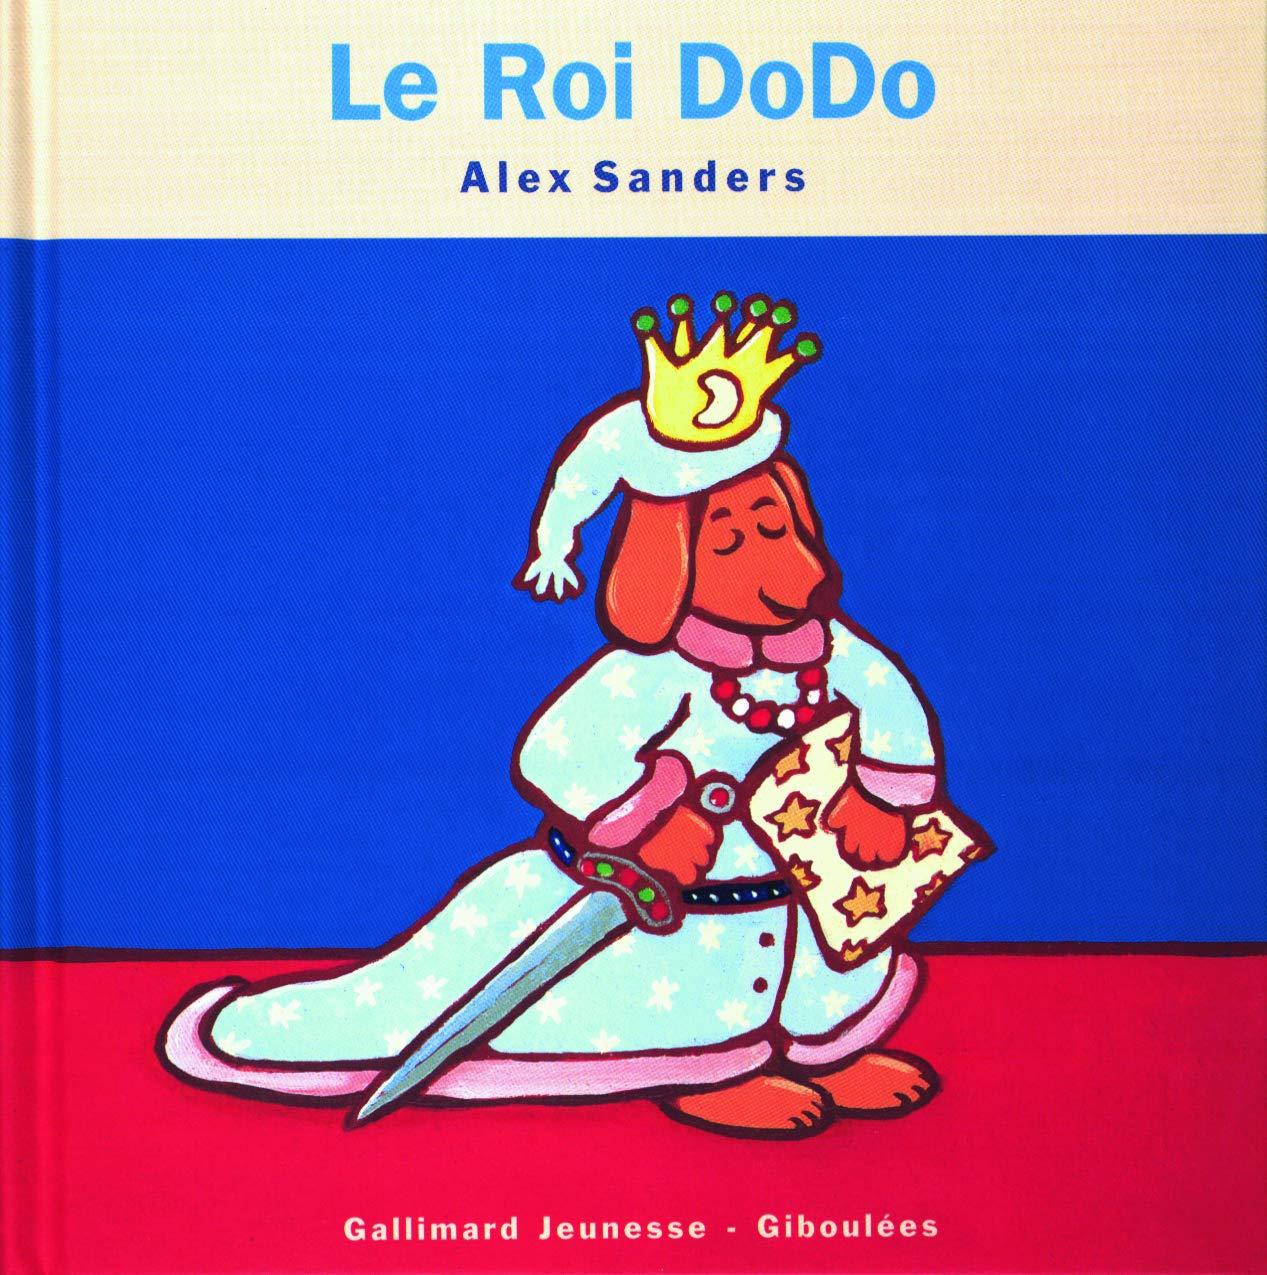 Le Roi Dodo Les Rois Les Reines Giboulees 5 French Edition Sanders Alex 9782070591480 Amazon Com Books